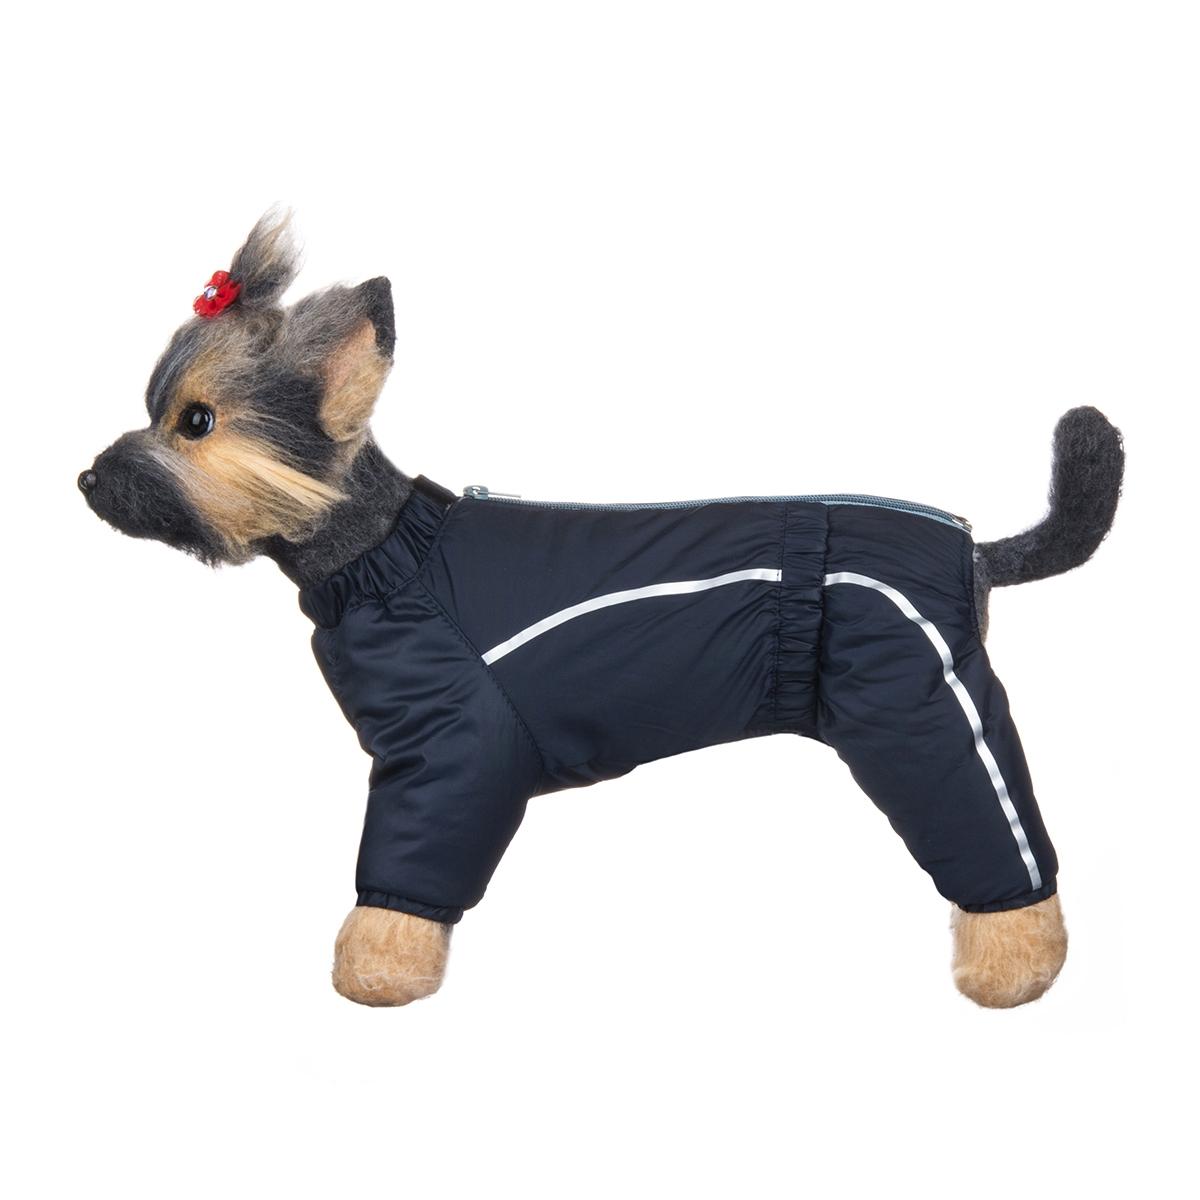 Комбинезон для собак Dogmoda Альпы, зимний, для мальчика, цвет: синий, светло-серый. Размер 2 (M)DM-150351-2Зимний комбинезон для собак Dogmoda Альпы отлично подойдет для прогулок в зимнее время года. Комбинезон изготовлен из полиэстера, защищающего от ветра и снега, с утеплителем из синтепона, который сохранит тепло даже в сильные морозы, а на подкладке используется искусственный мех, который обеспечивает отличный воздухообмен. Комбинезон застегивается на молнию и липучку, благодаря чему его легко надевать и снимать. Ворот, низ рукавов и брючин оснащены внутренними резинками, которые мягко обхватывают шею и лапки, не позволяя просачиваться холодному воздуху. На пояснице имеется внутренняя резинка. Изделие декорировано серебристыми полосками и надписью DM. Благодаря такому комбинезону простуда не грозит вашему питомцу и он сможет испытать не сравнимое удовольствие от снежных игр и забав.